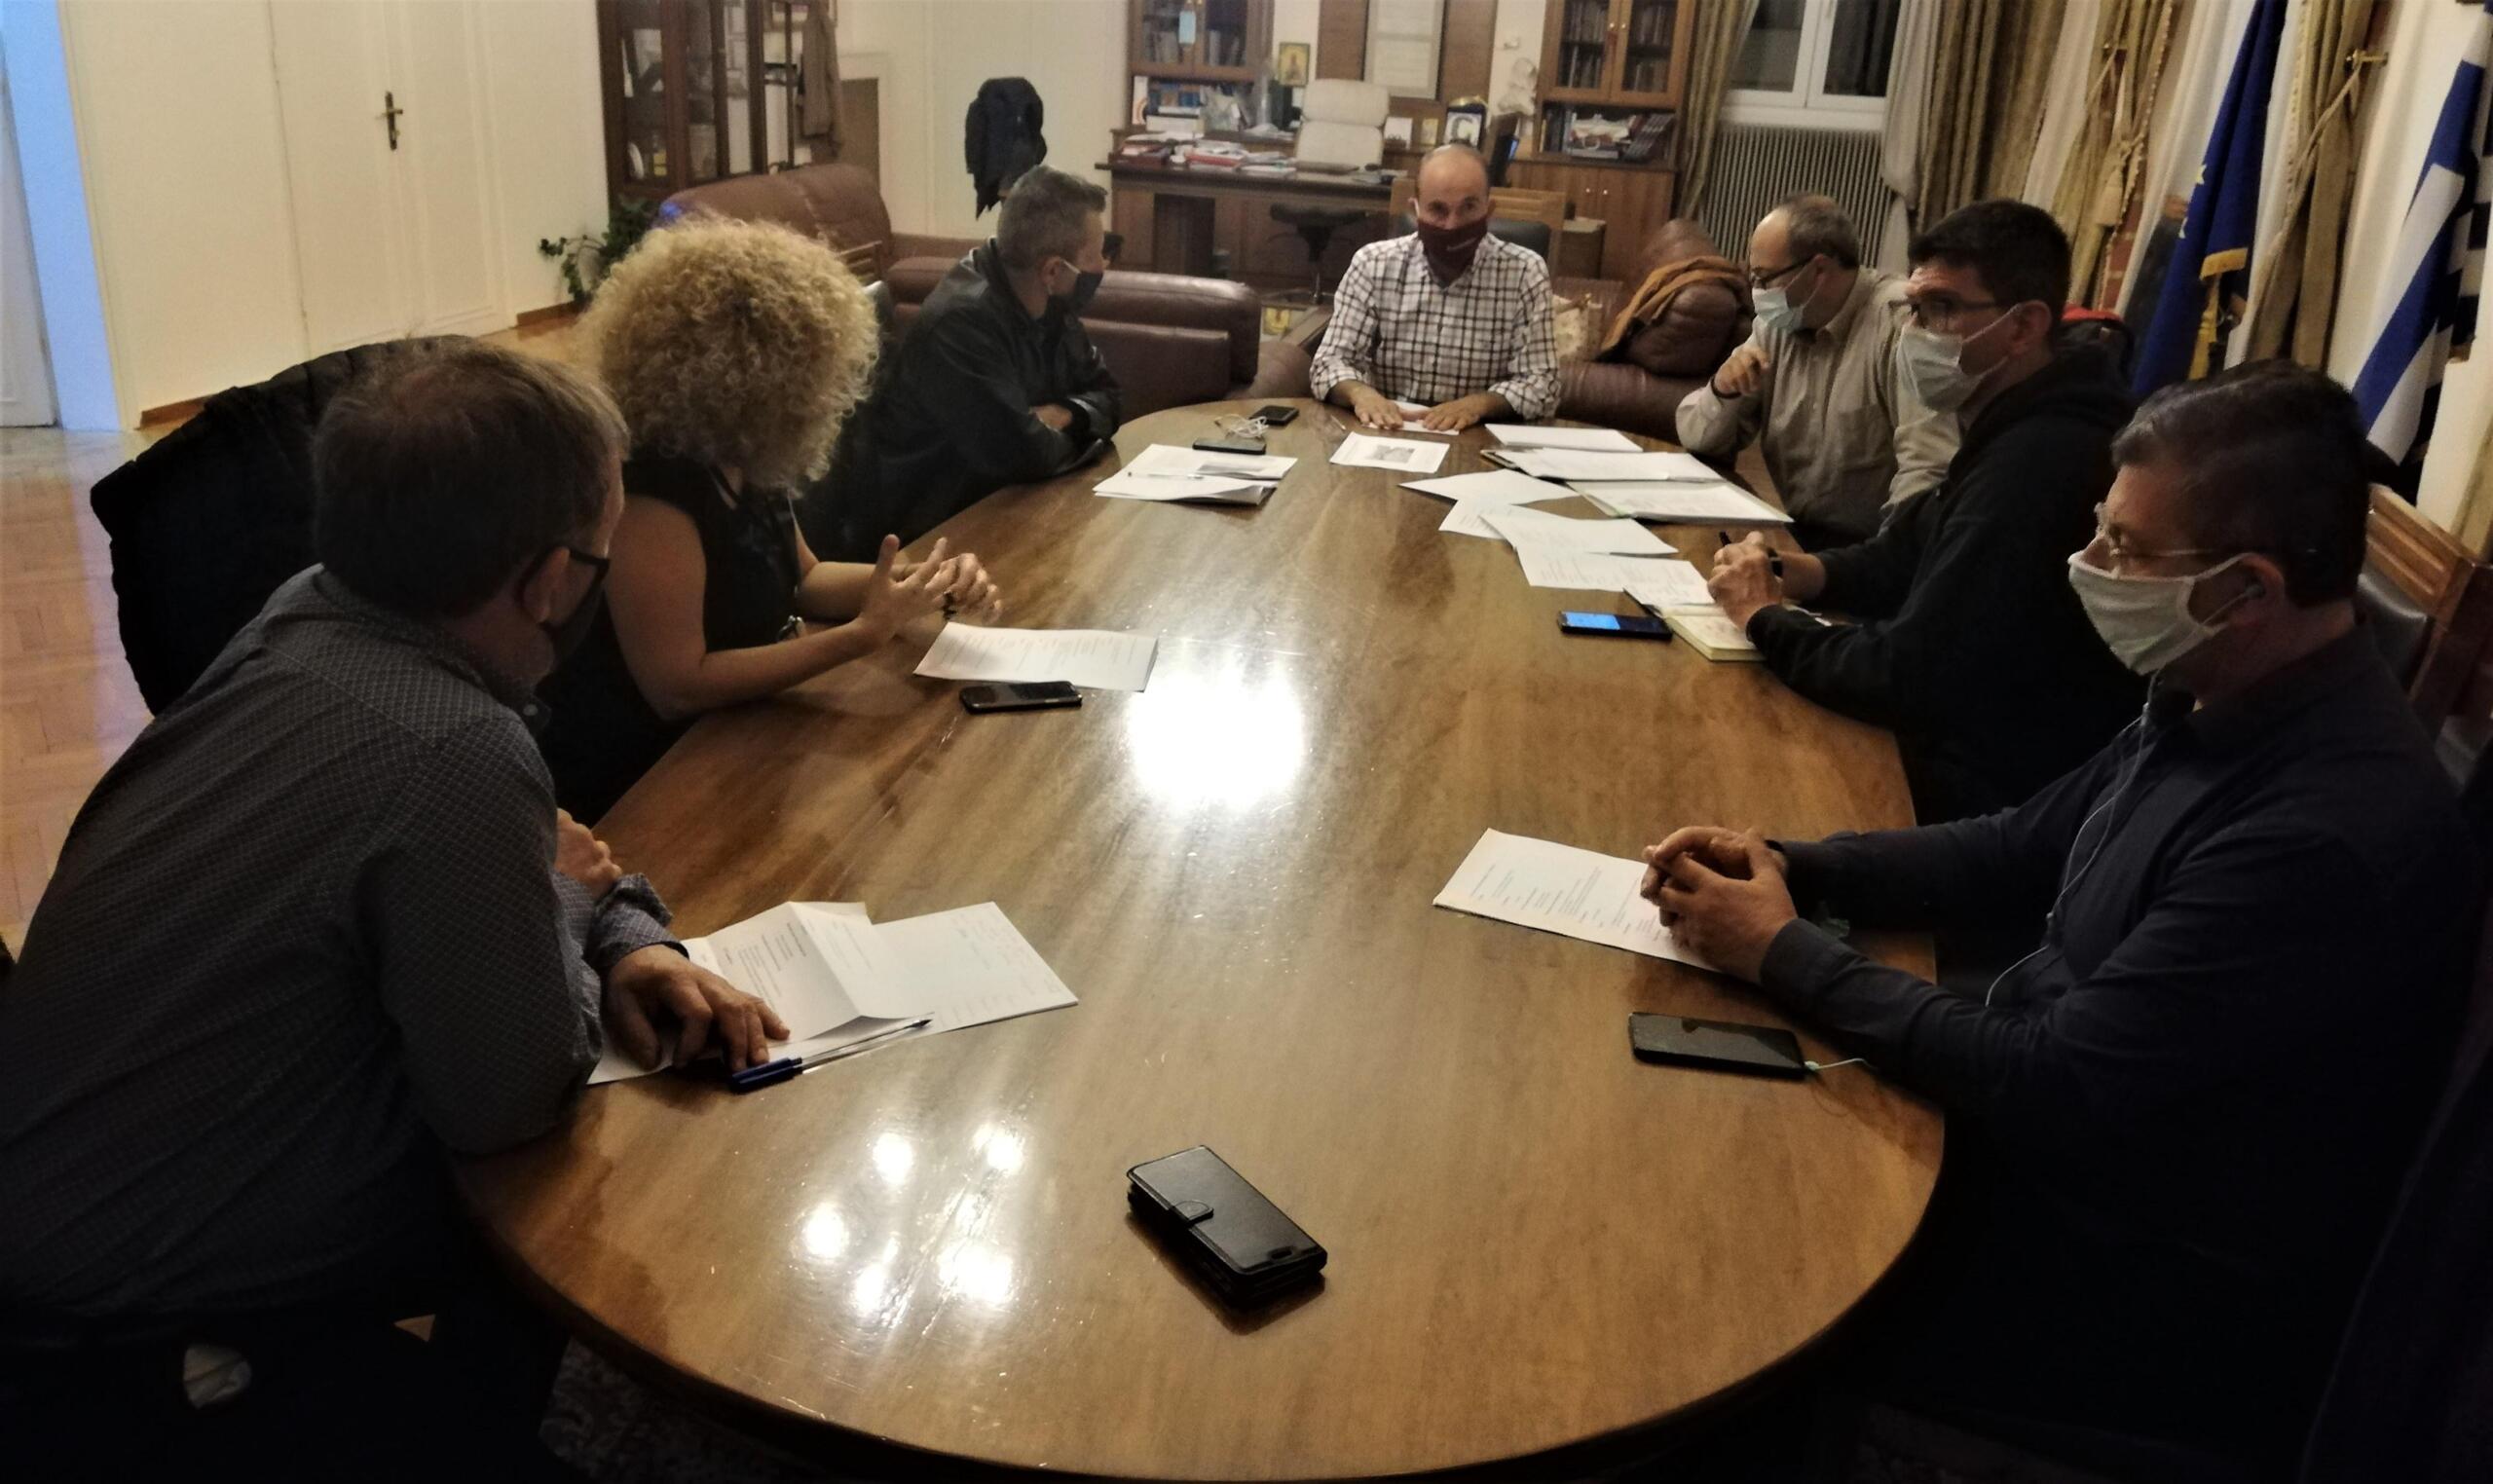 Σε επίπεδο συναγερμού 4 η ΠΕ Κοζάνης: Νέα έκτακτη σύσκεψη στο Δήμο Κοζάνης για την εξειδίκευση των μέτρων